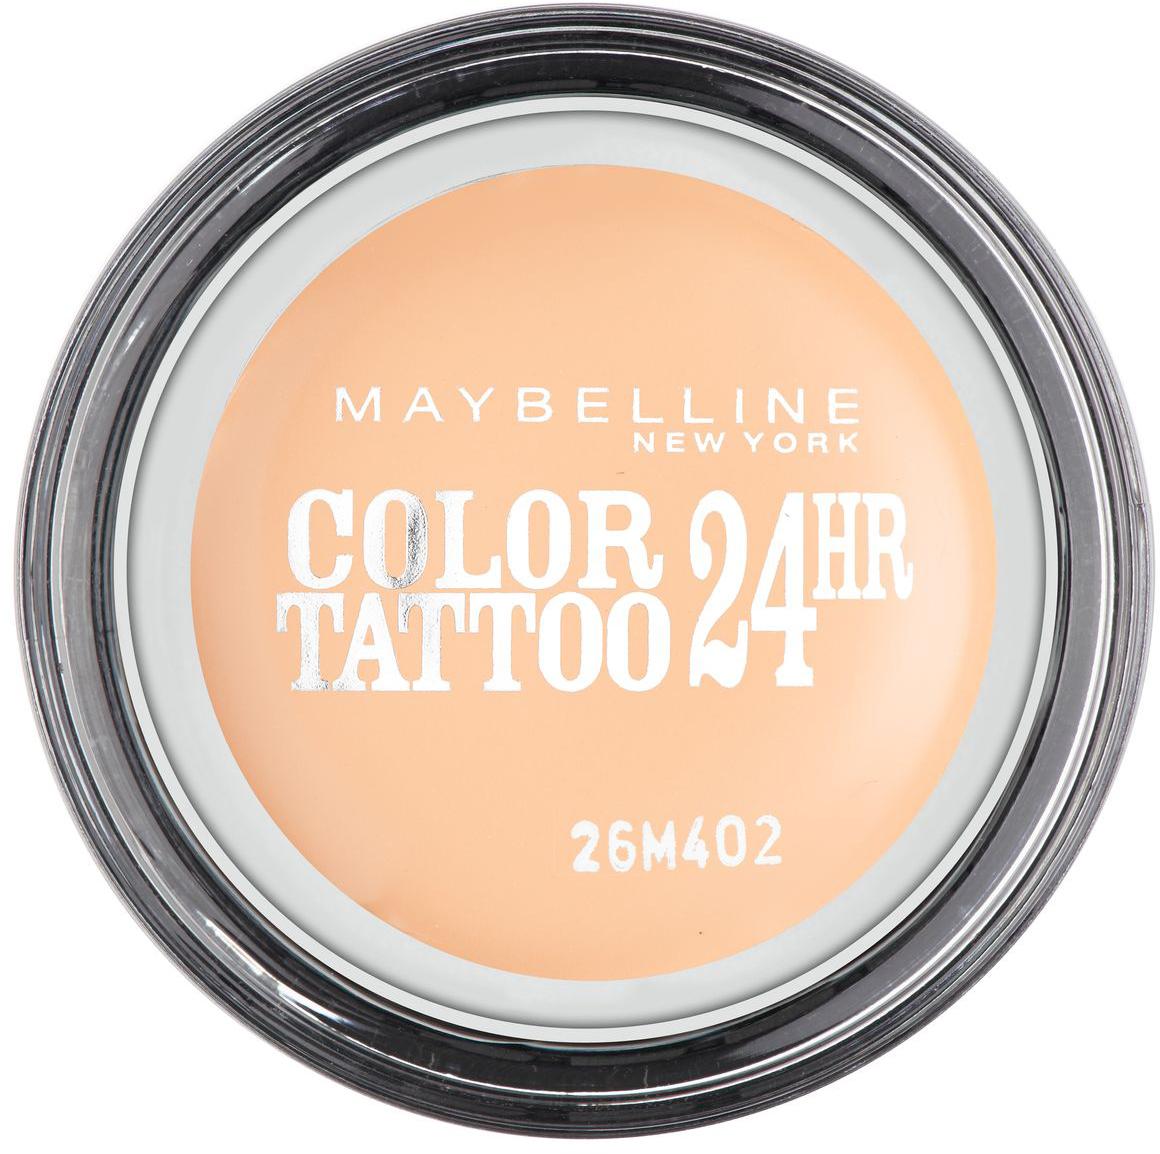 Maybelline New York Тени для век Color Tattoo, оттенок 93, Бежевая нежность, 4 млB2900301Технология тату-пигментов создает яркий, супернасыщенный цвет. Крем-гелевая текстура обеспечивает ультралегкое нанесение и стойкость на 24 часа.